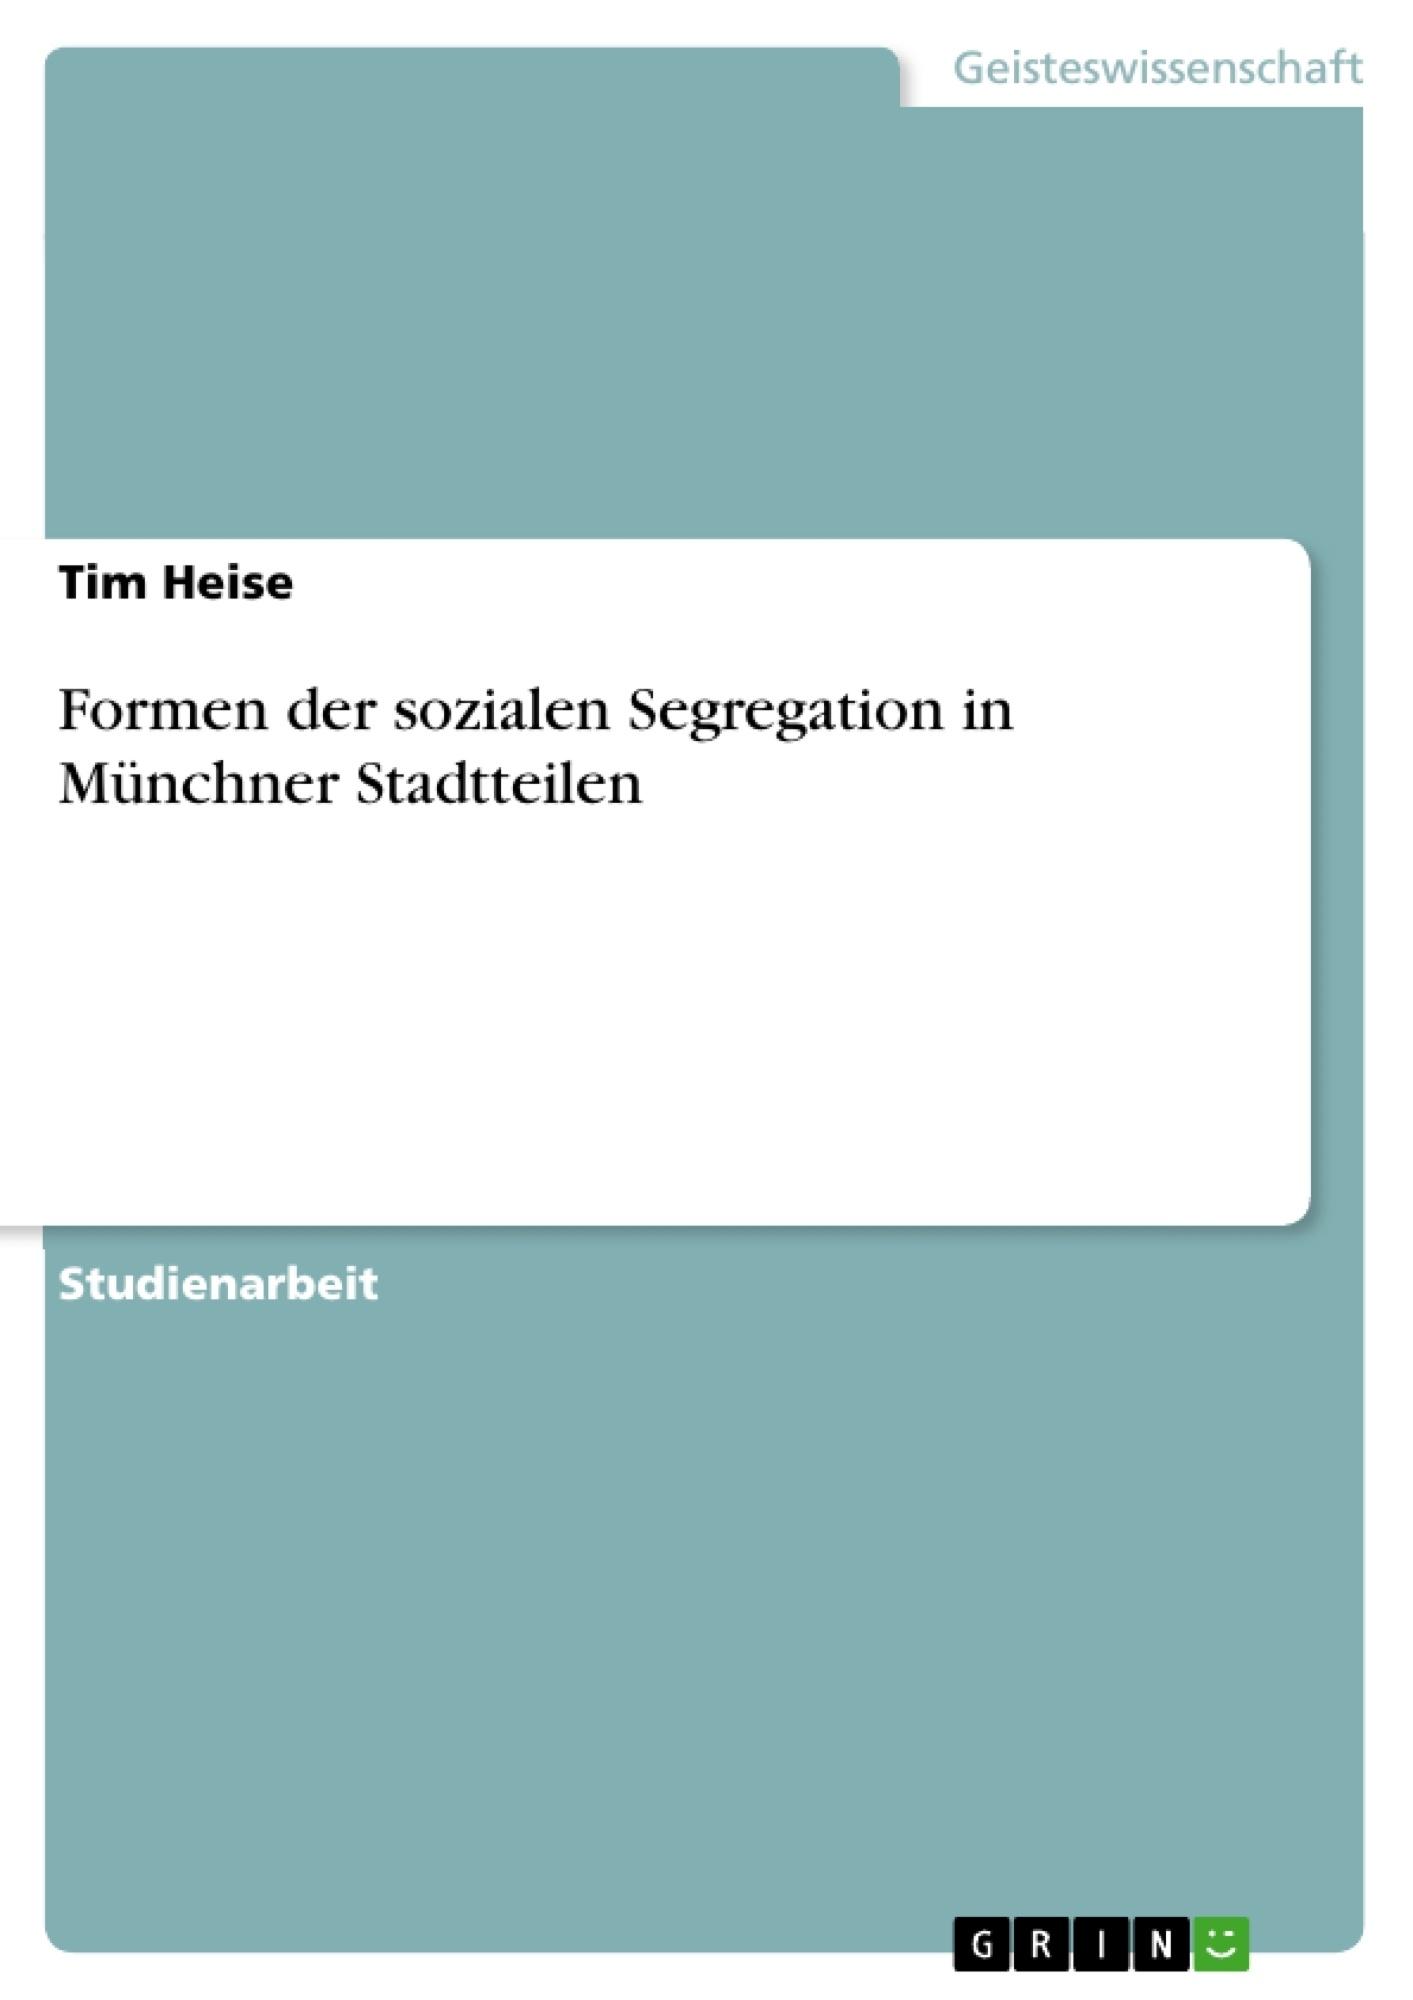 Titel: Formen der sozialen Segregation in Münchner Stadtteilen